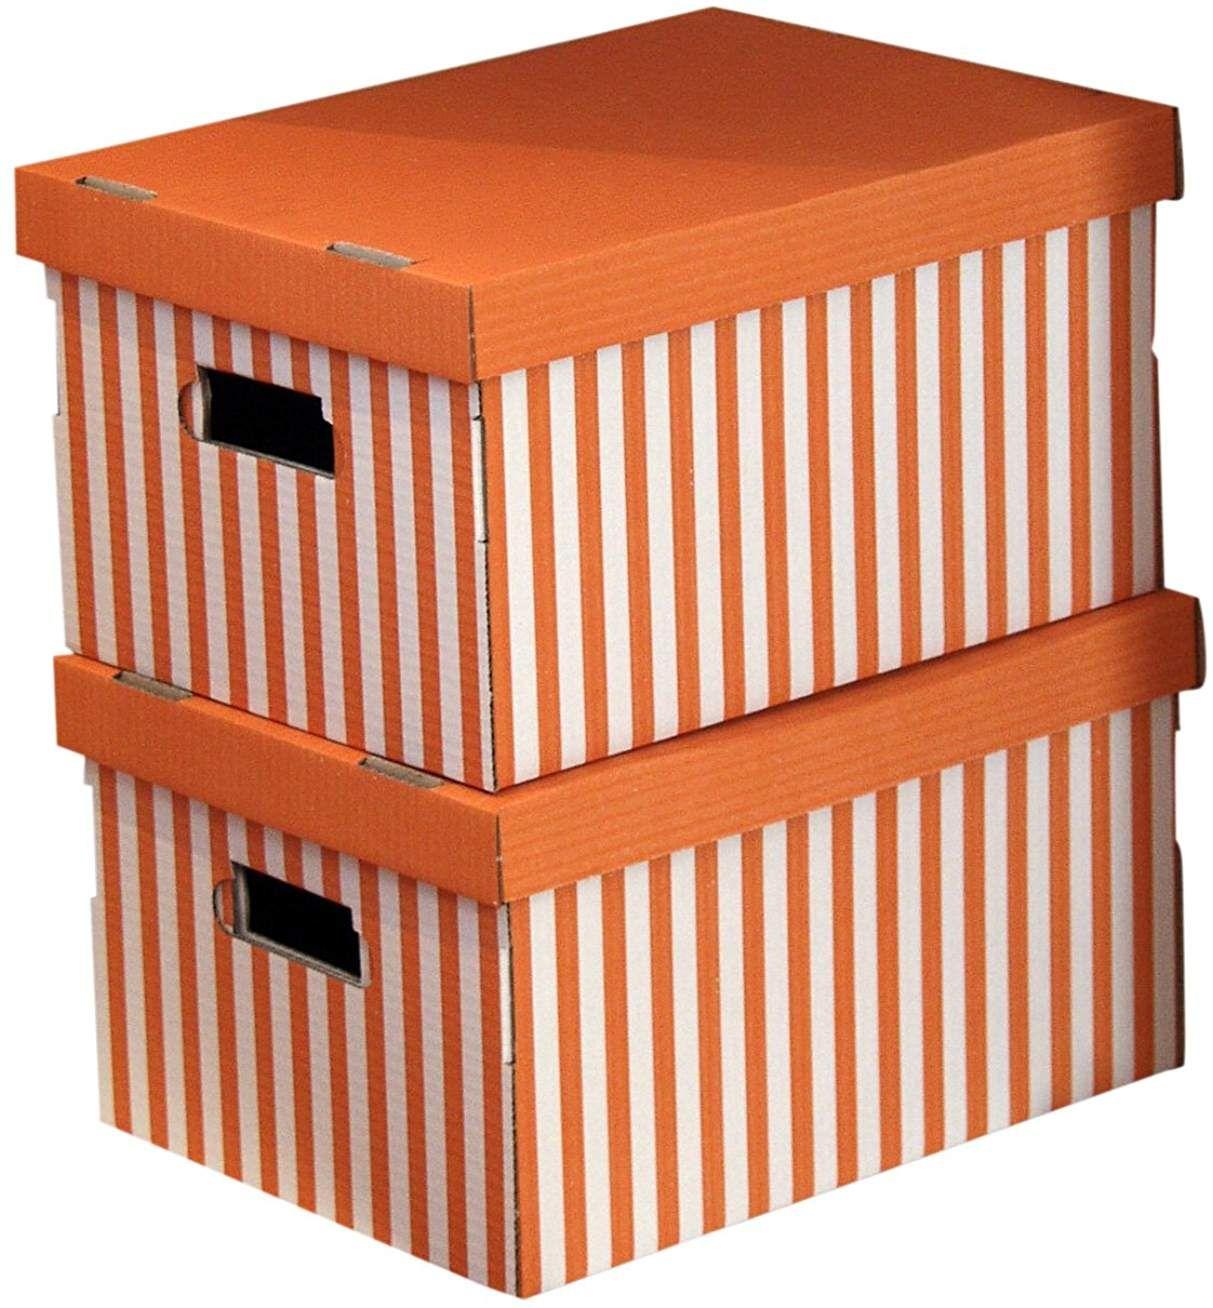 Compactor Lot De 2 Boites De Rangement En Carton Ondule Avec Poignees Empilables Orange 40 X Boite De Rangement Carton Rangement Carton Boite De Rangement